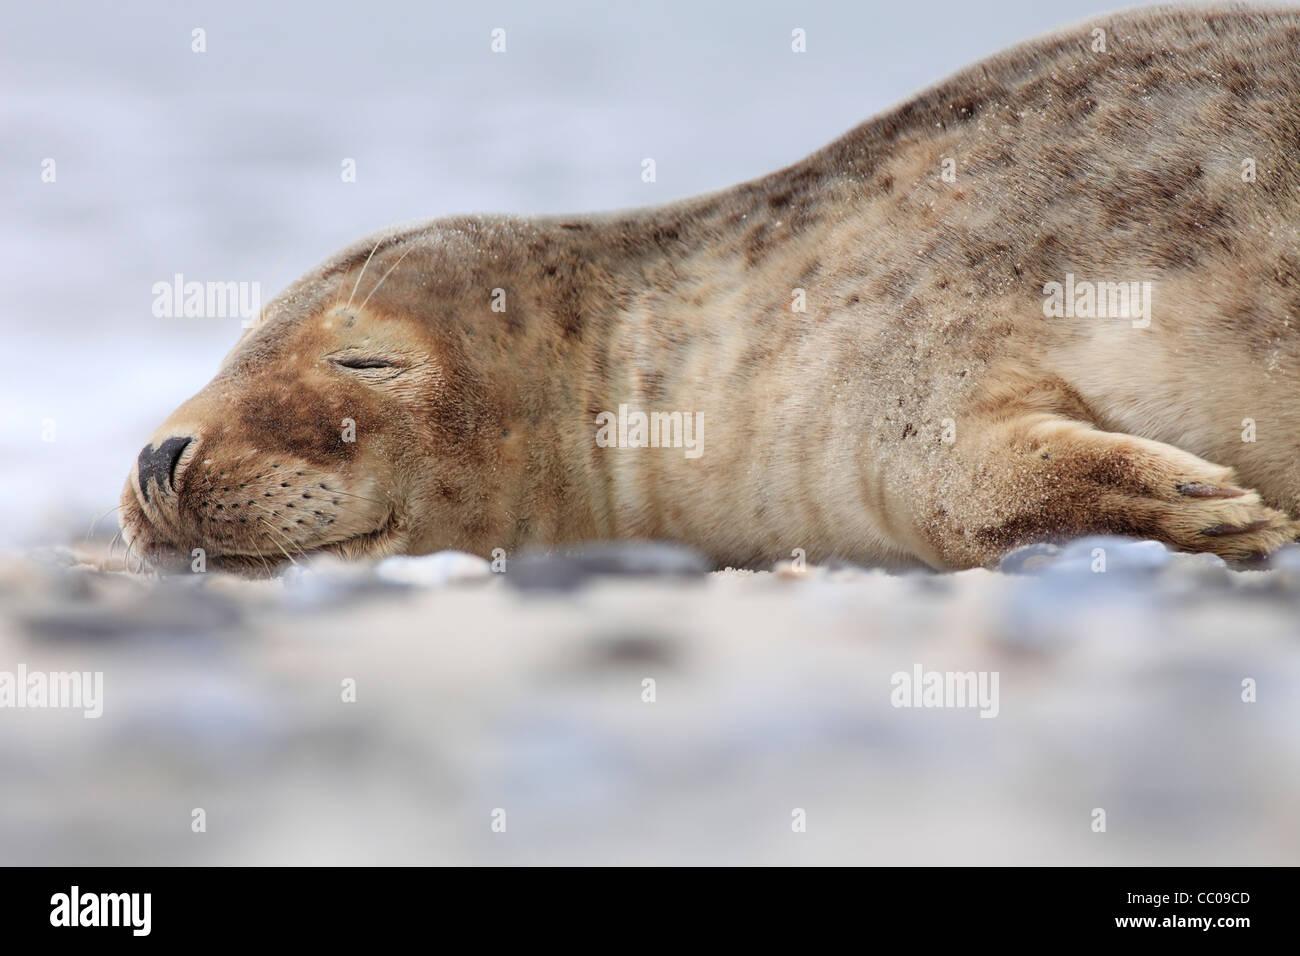 schlafende junge Kegelrobben; Latein: Halichoerus grypus Stockbild